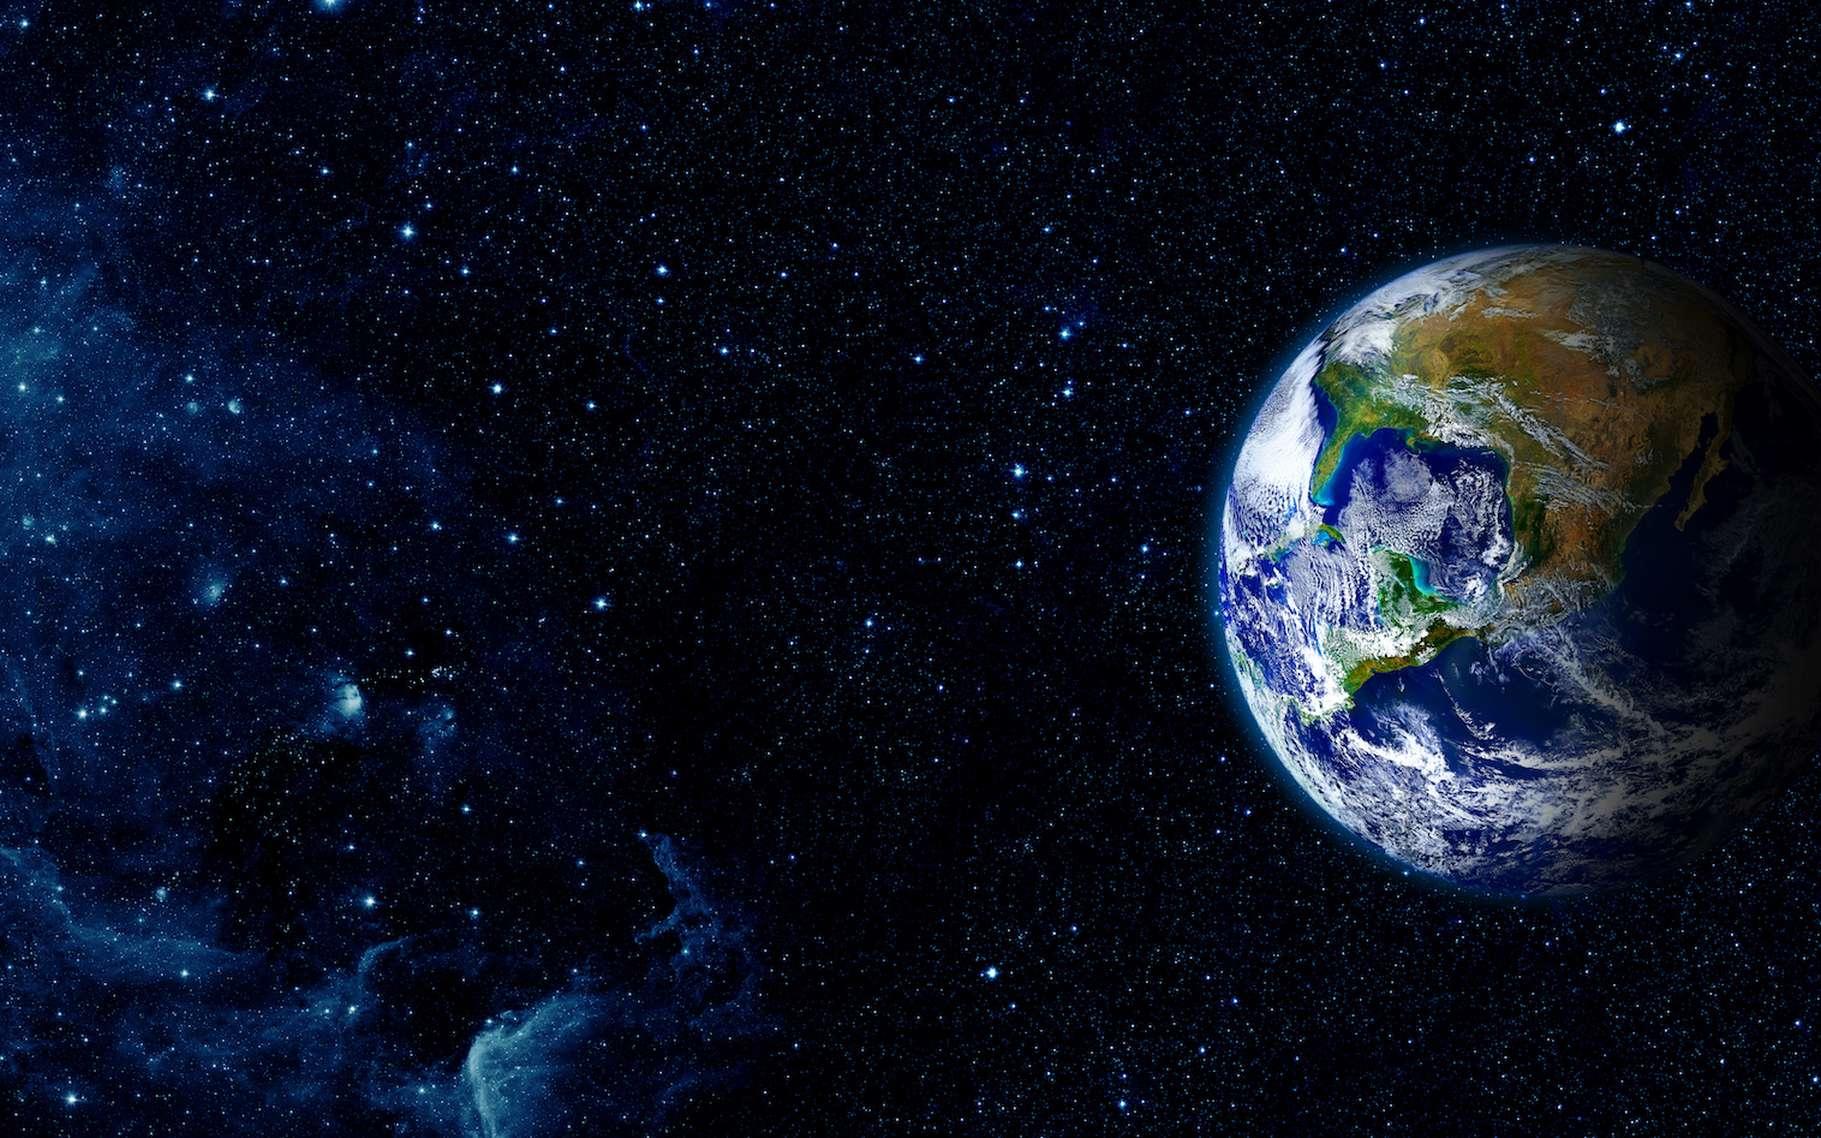 Des chercheurs de l'université de Copenhague (Danemark) estiment que notre Terre s'est formée plus vite qu'on le pensait jusqu'alors. © vovan, Adobe Stock